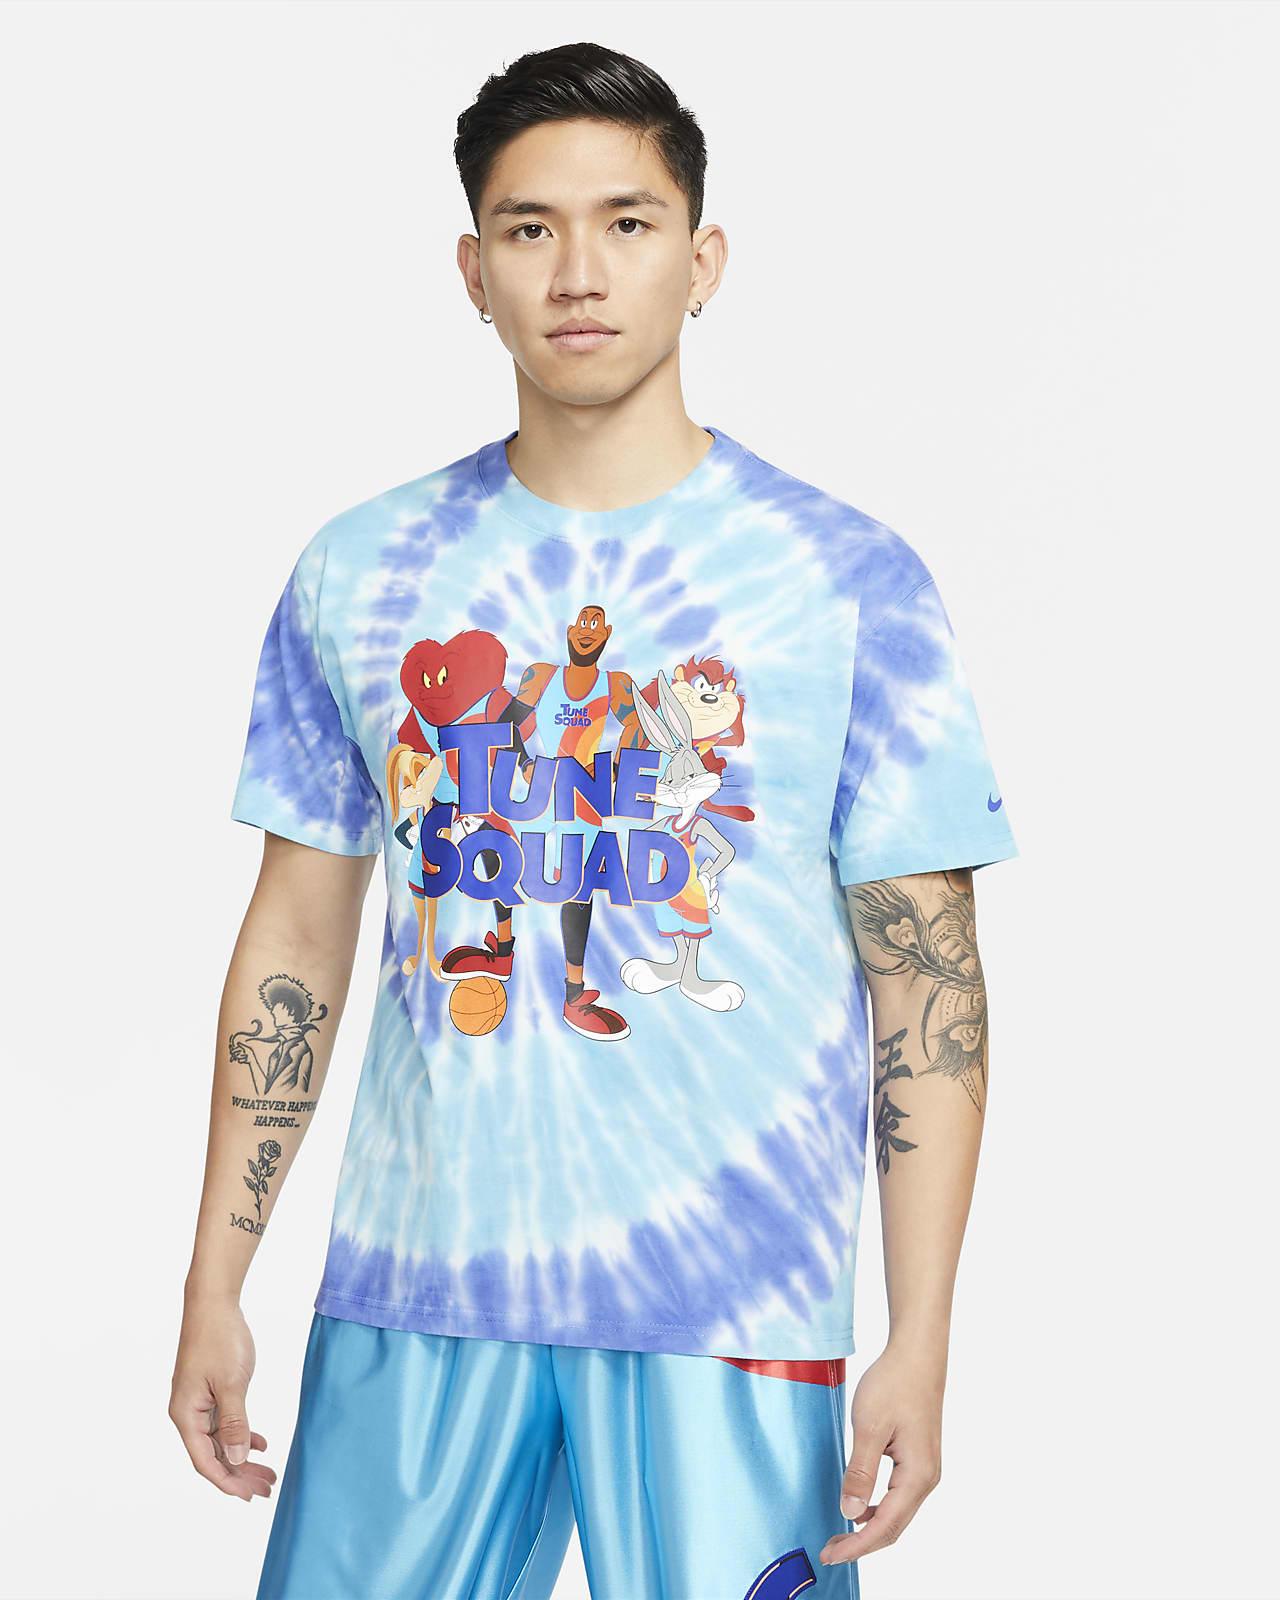 レブロン x スペース・プレイヤーズ メンズ バスケットボール Tシャツ